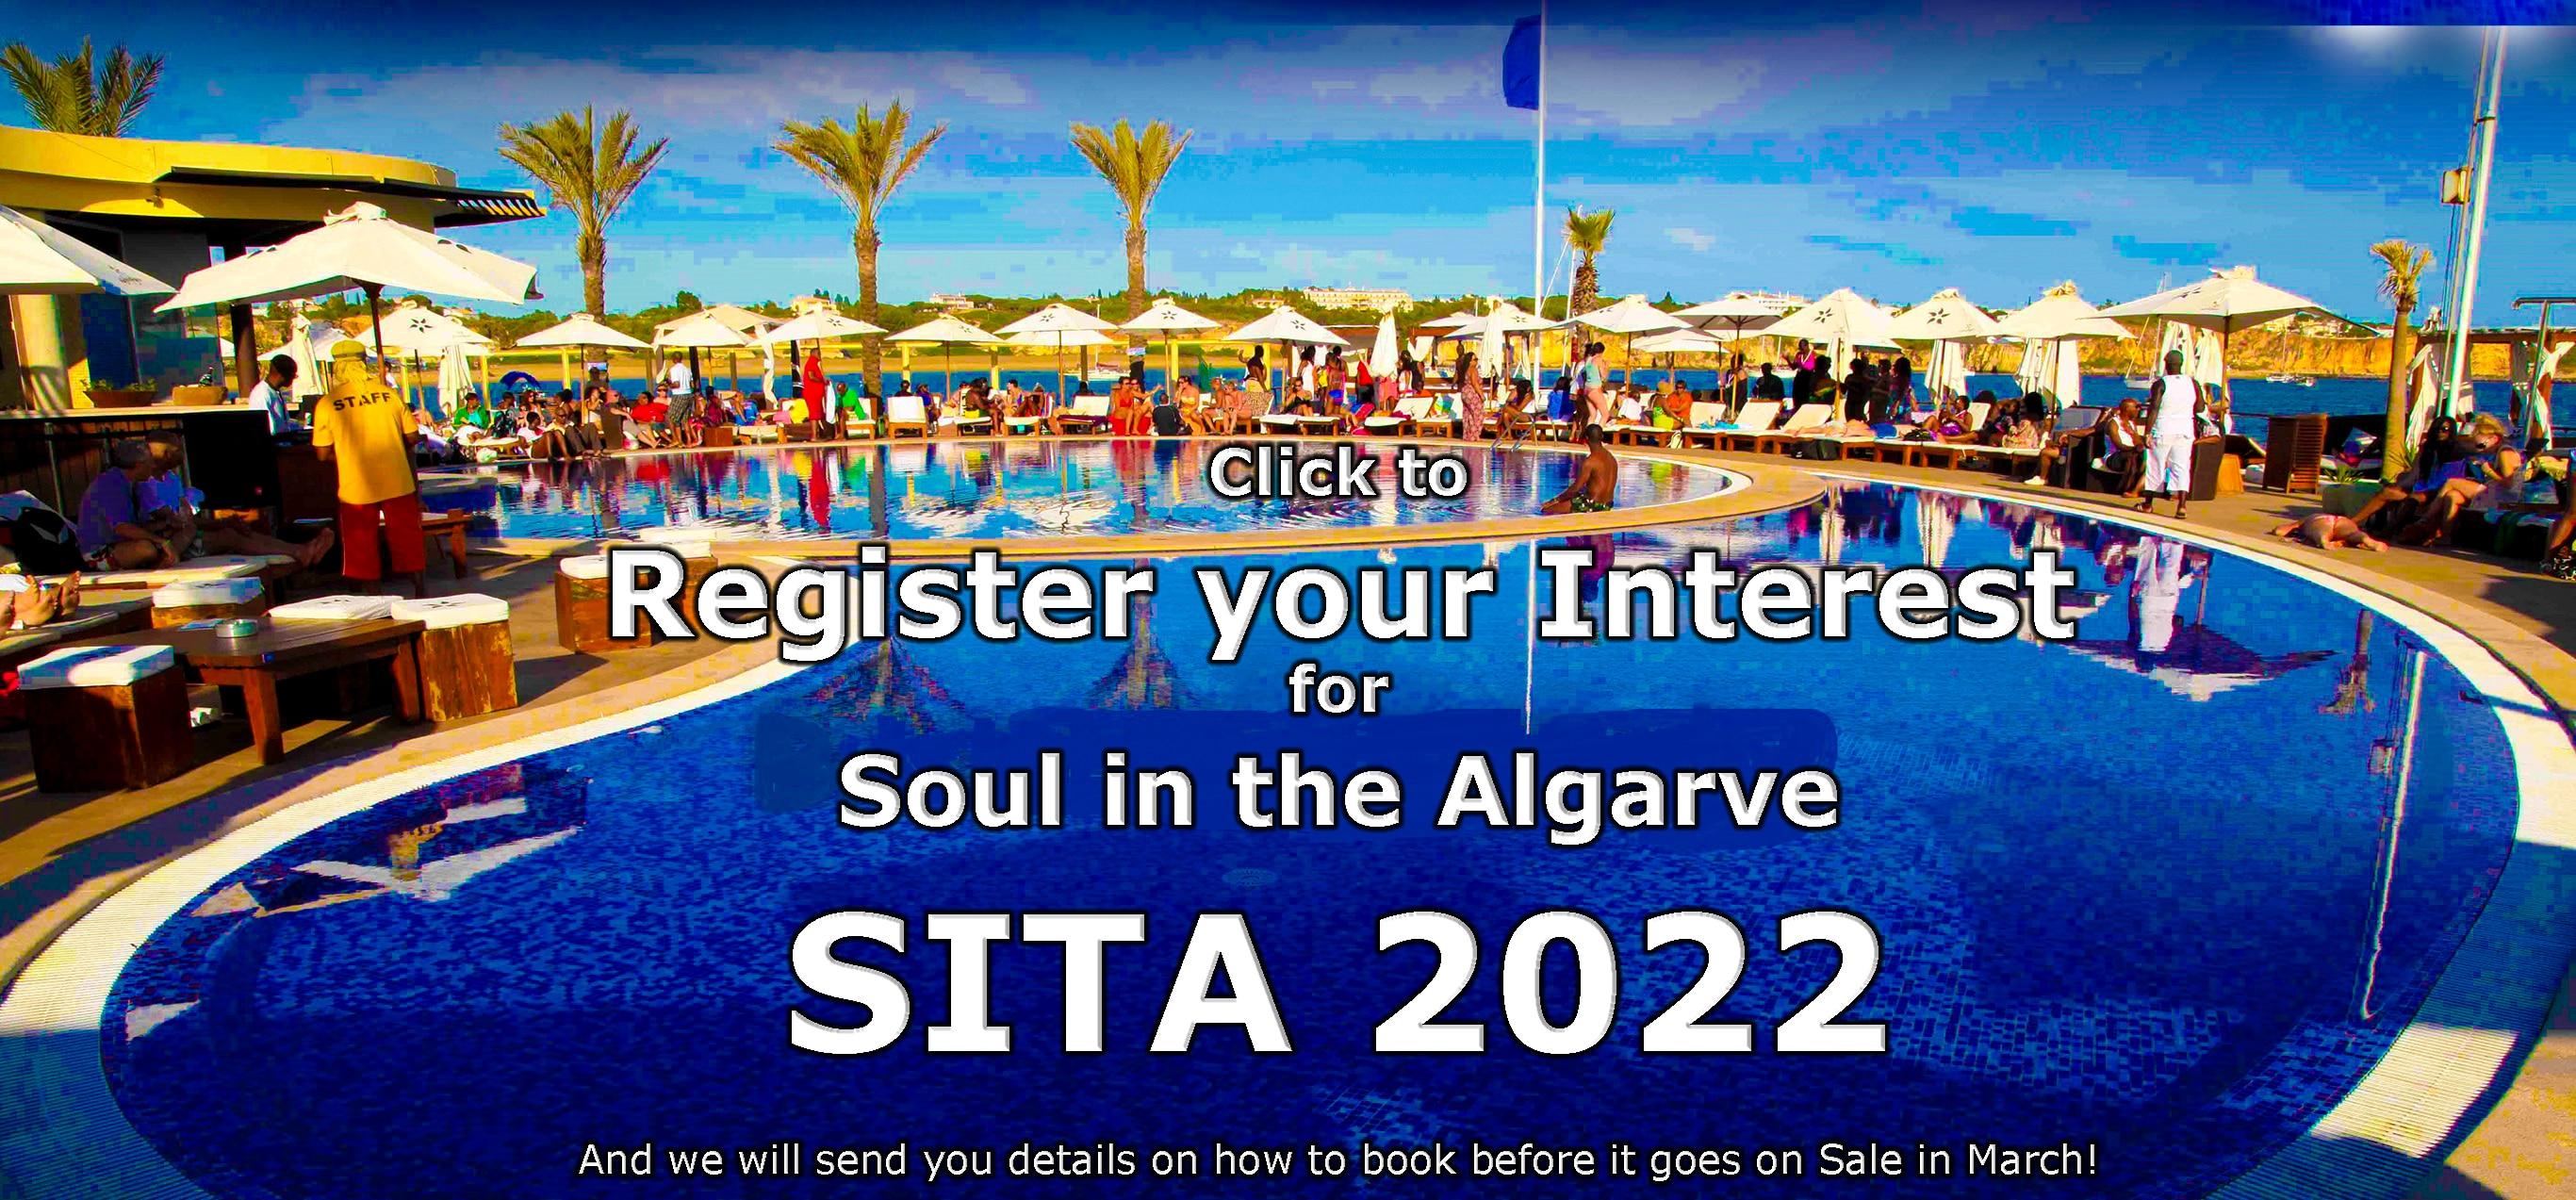 Register your interest in SITA 2022 2